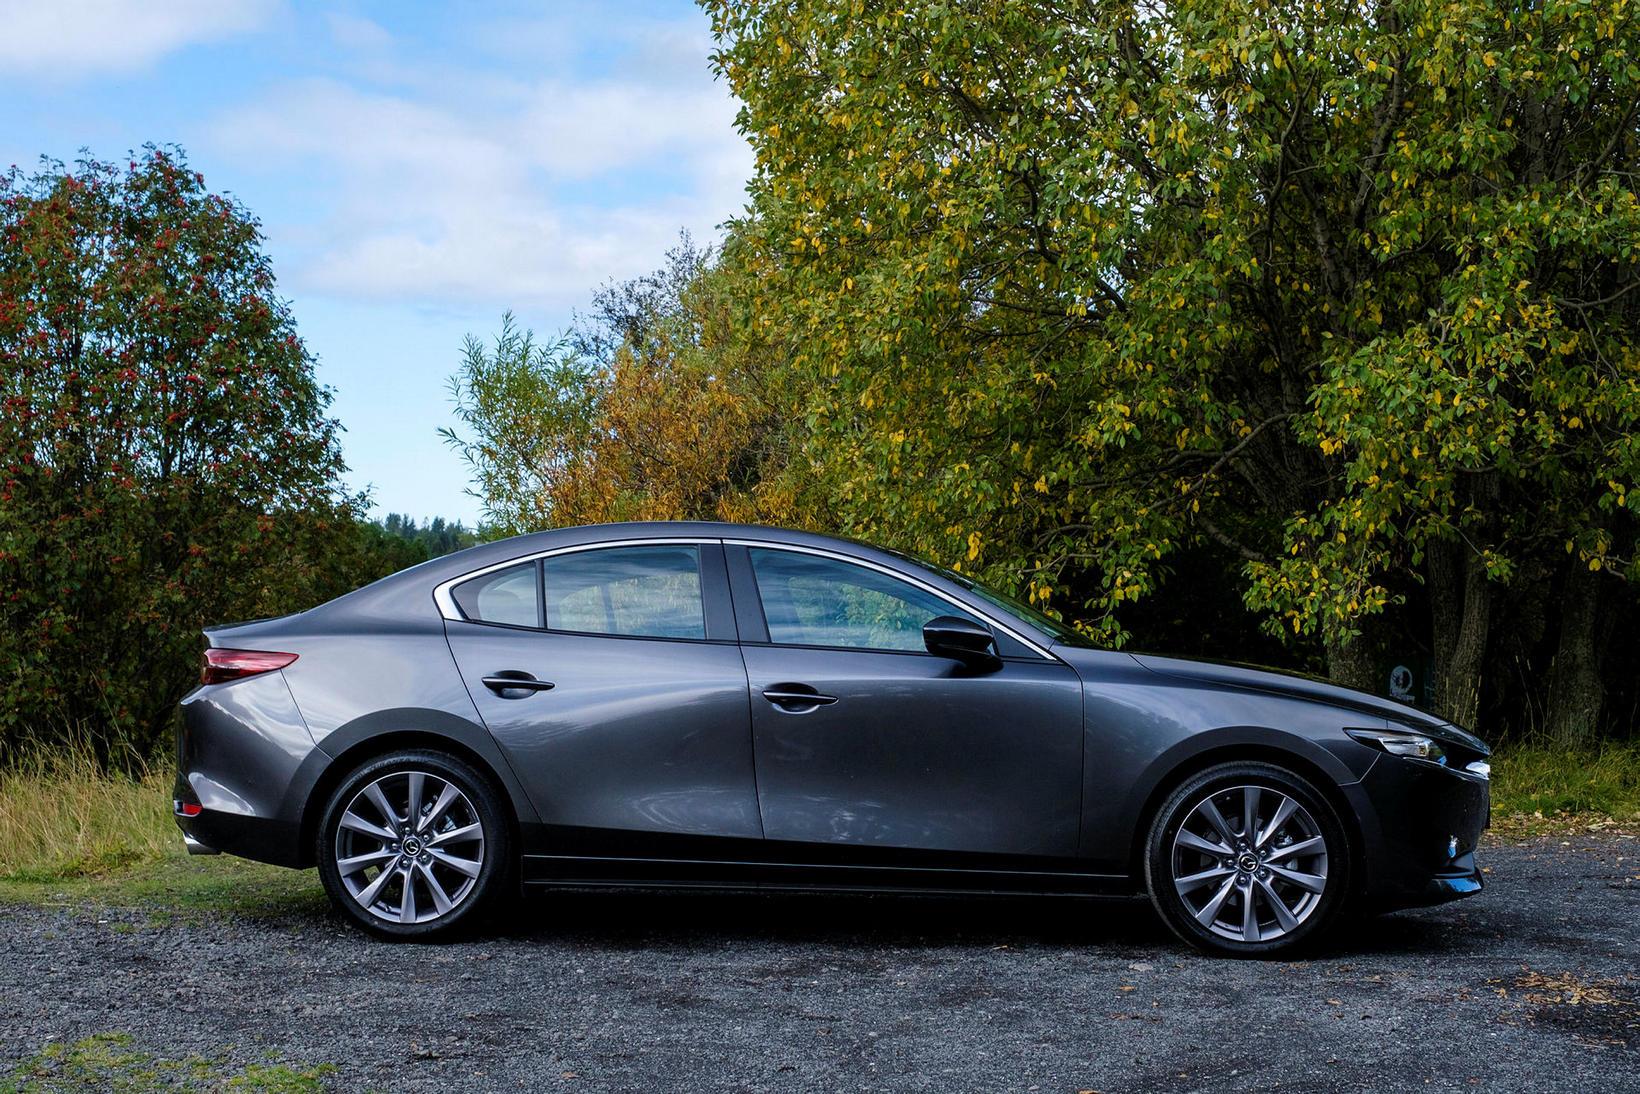 Mazda 3 samsvarar sér vel, og línurnar eru sportlegar.